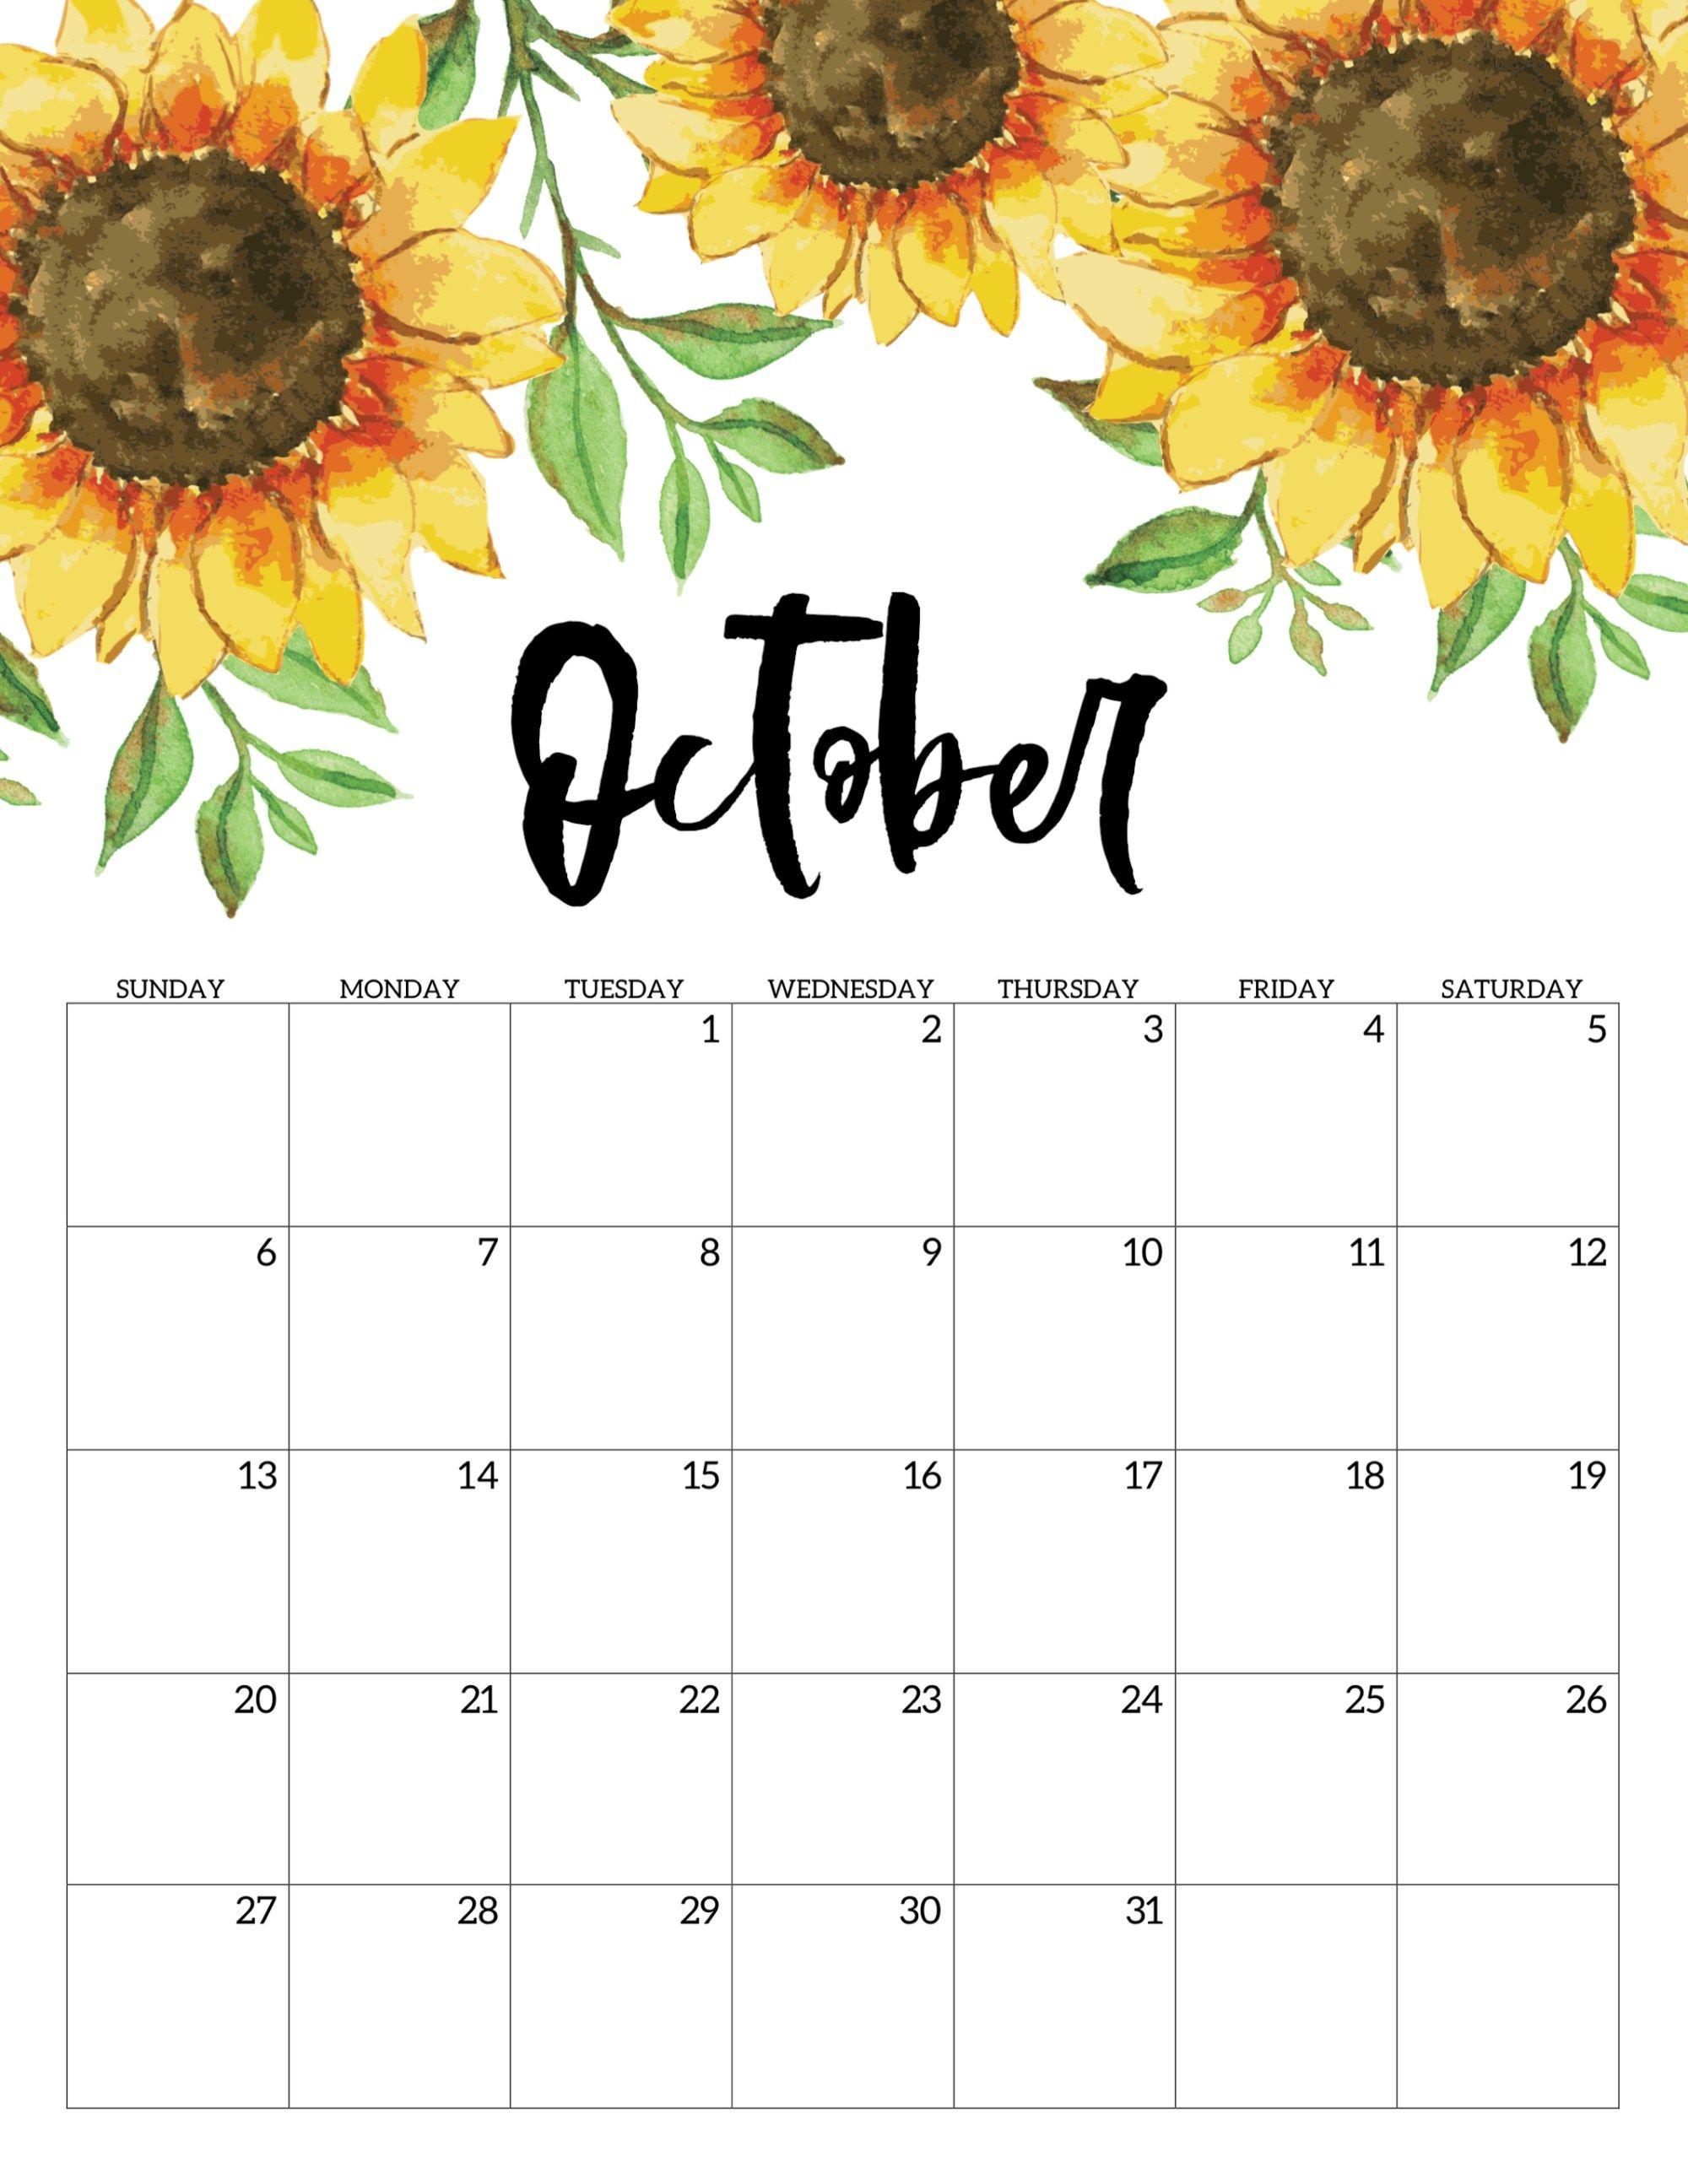 Free Printable Calendar 2019 - Floral   Calendar   Calendar 2019 regarding 2019 2020 Girly Calendar Printable